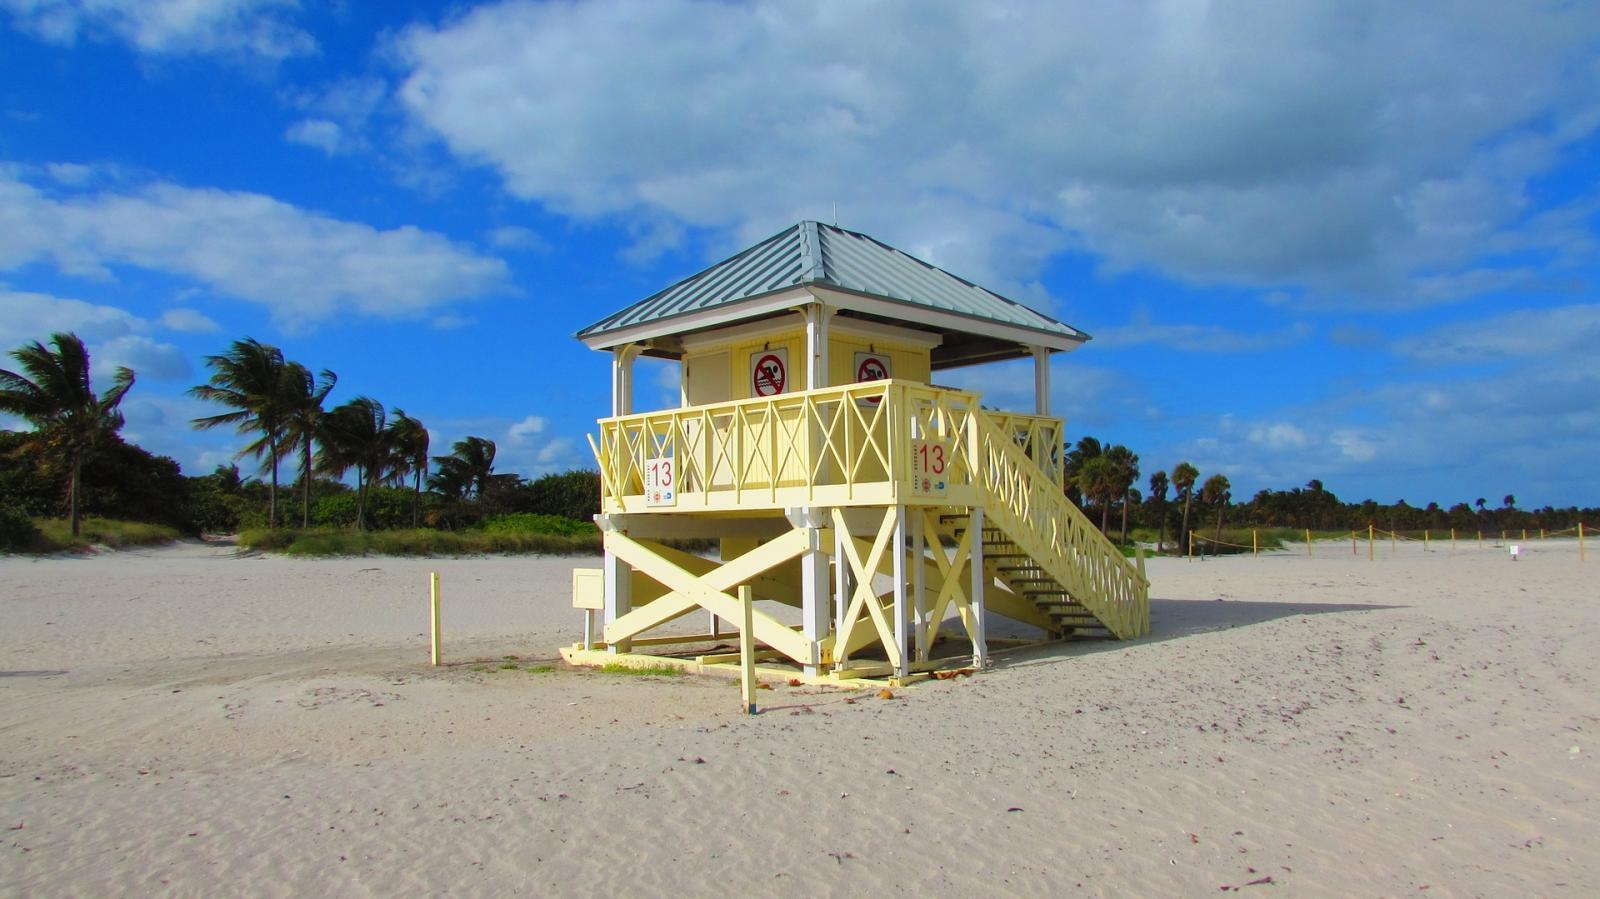 Miami Beach lugares de interes: South Beach